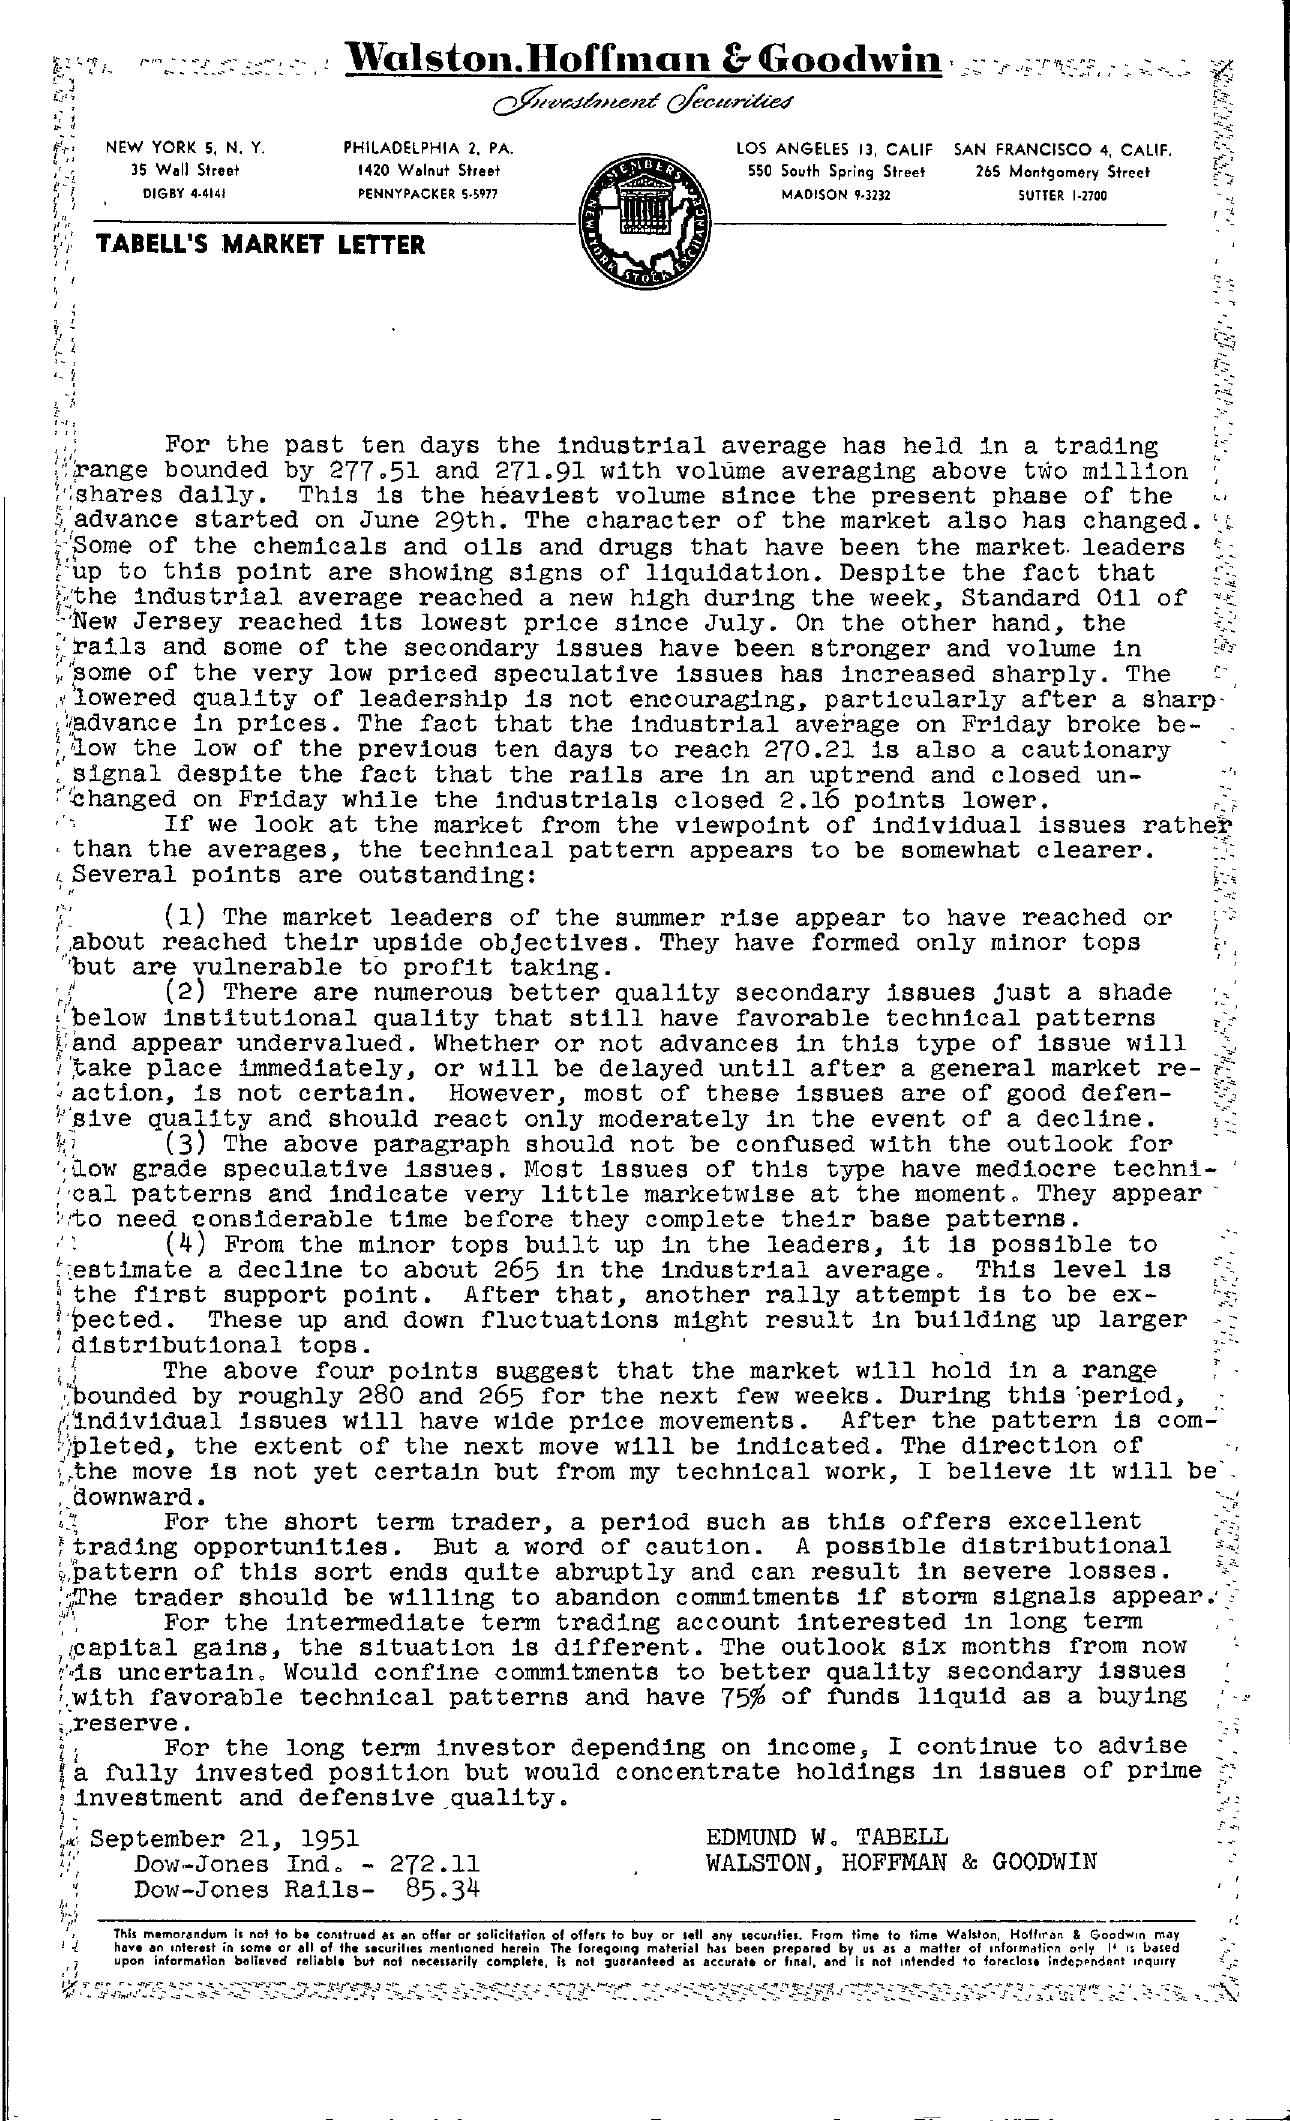 Tabell's Market Letter - September 21, 1951